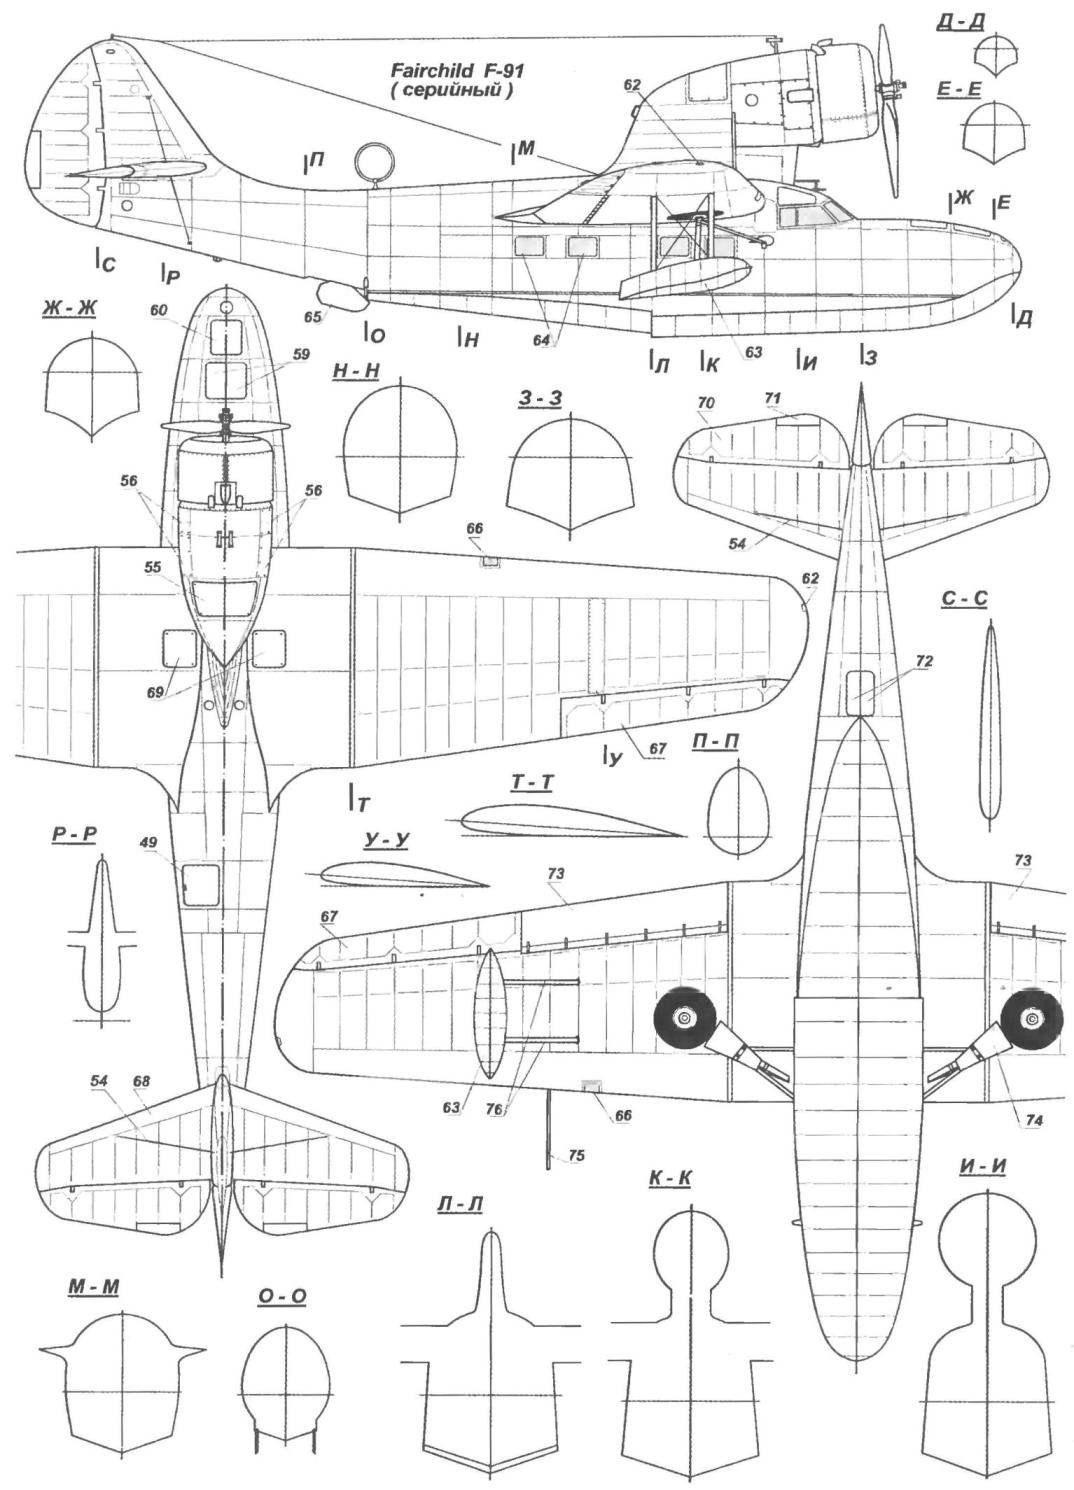 Flying boat amphibian Fairchild Model 91 (F-91)